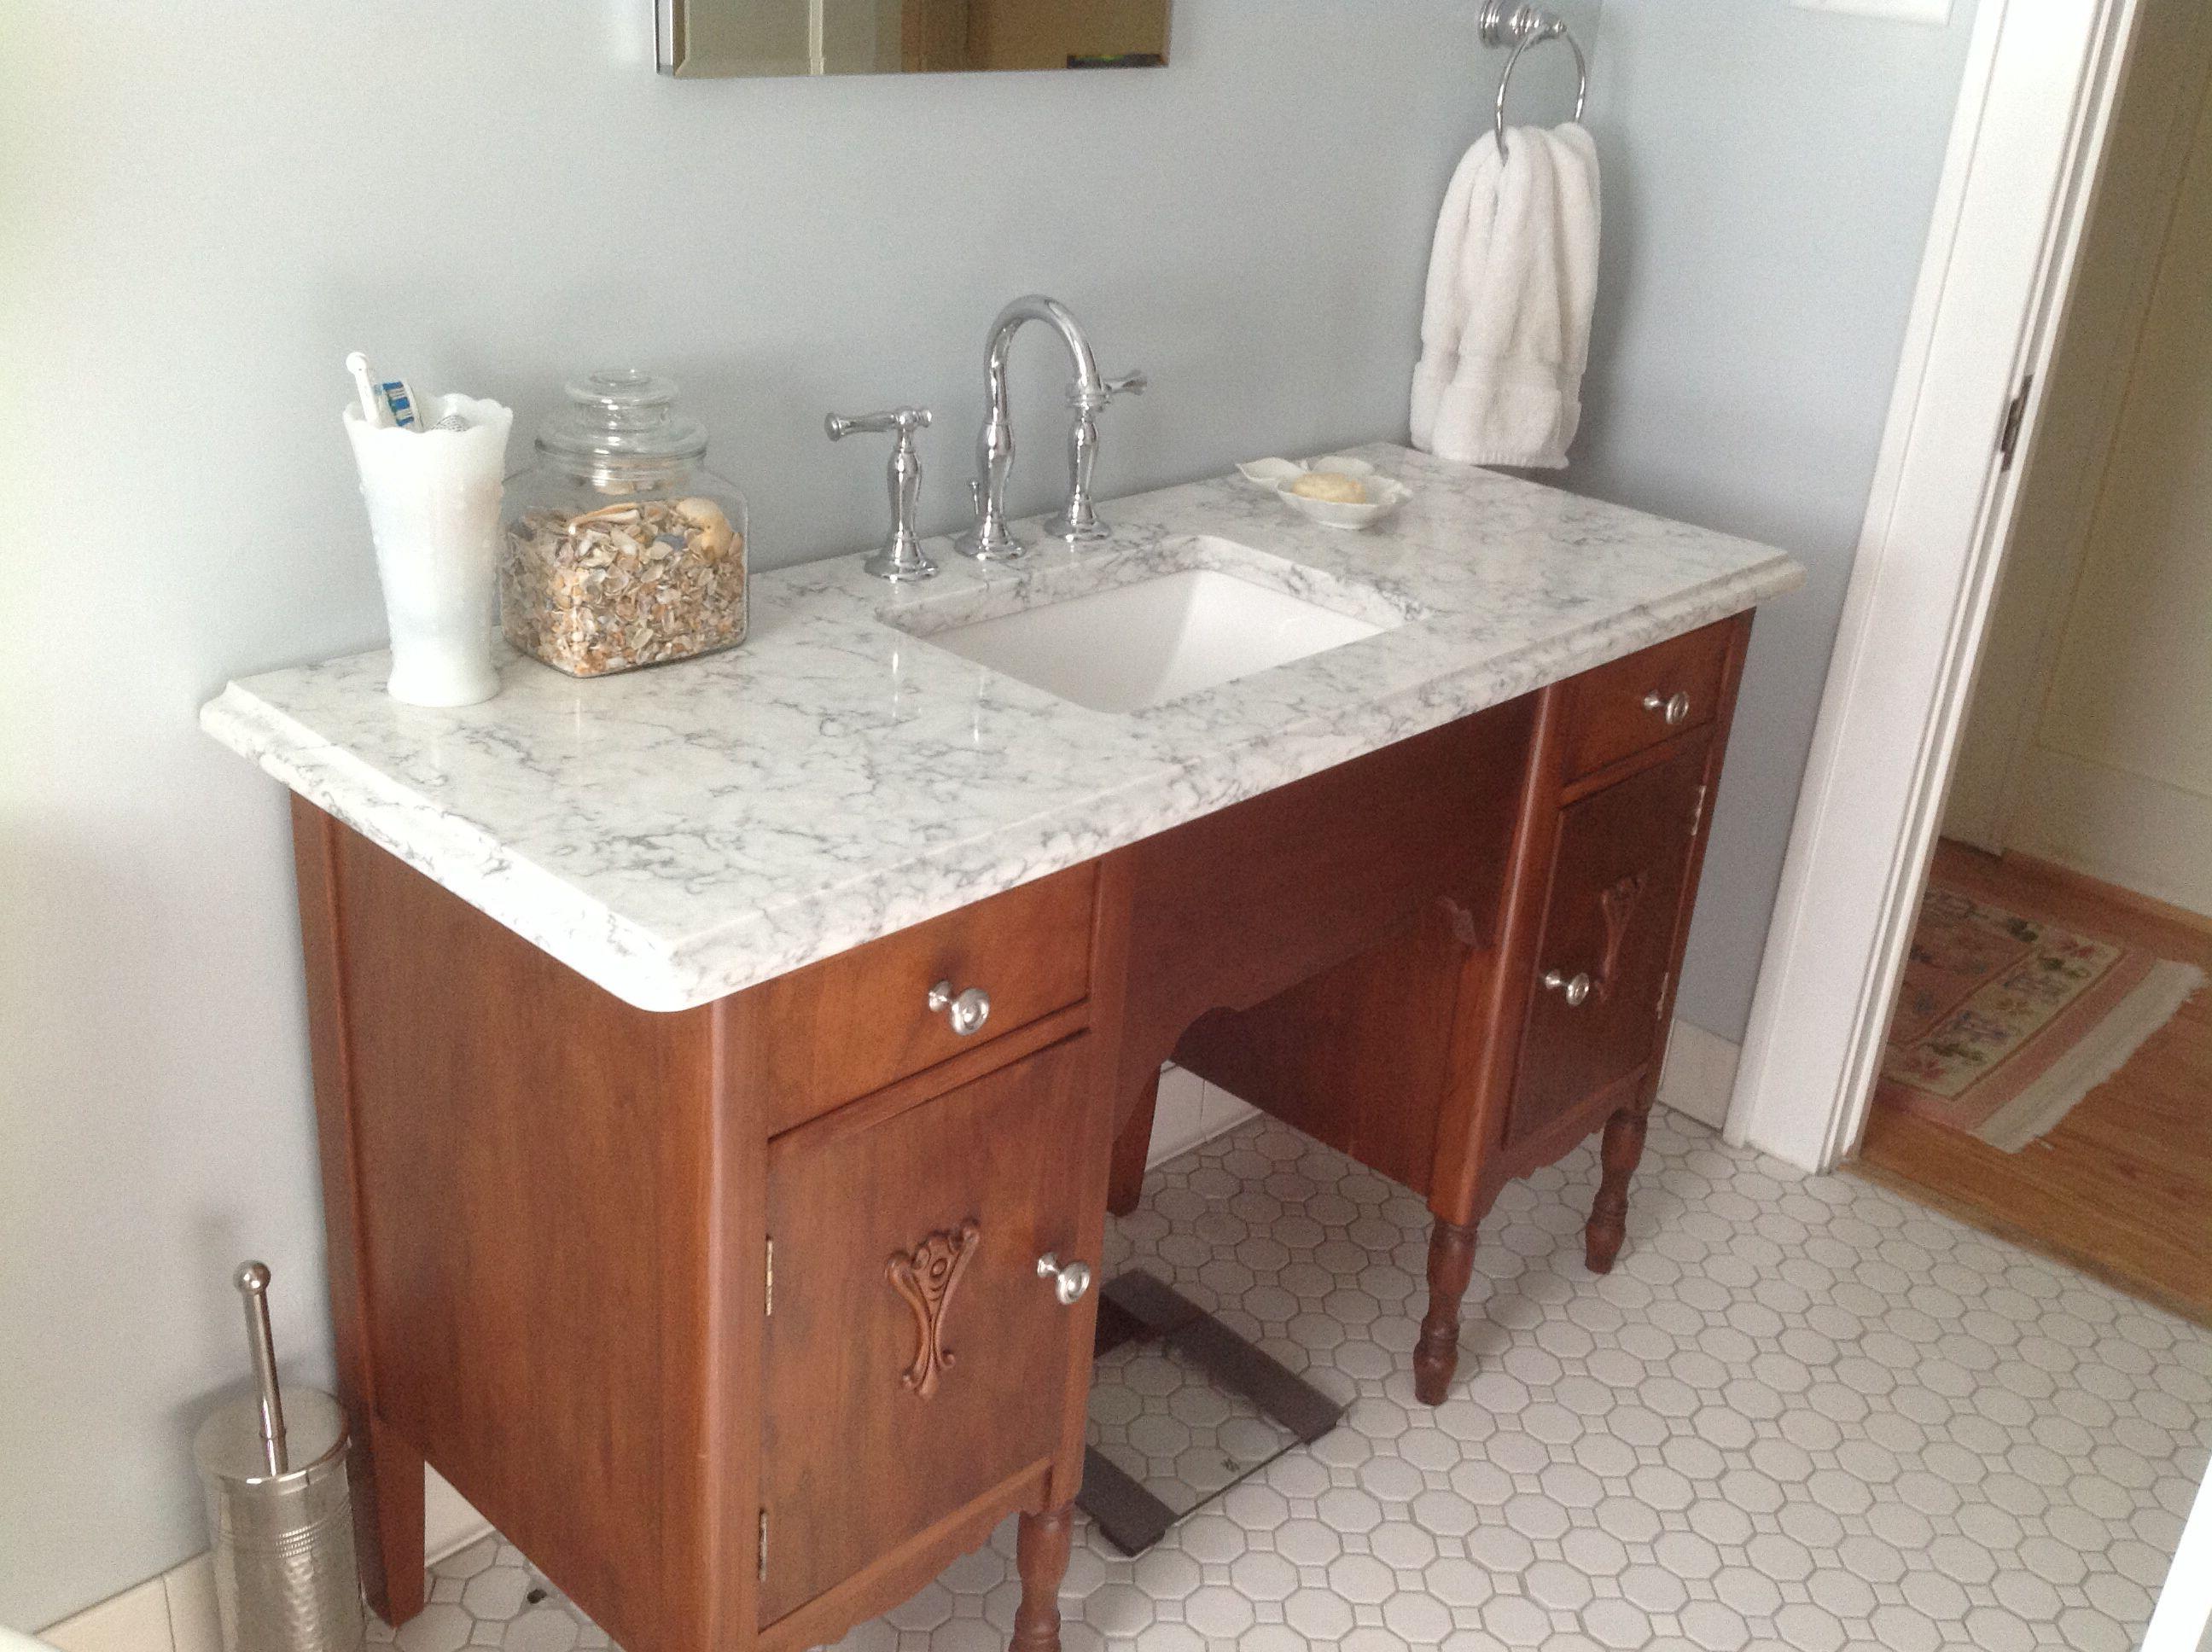 Repurposed Desk As Bathroom Vanity Repurposed Desk Bathroom Vanity Bathroom [ 1936 x 2592 Pixel ]